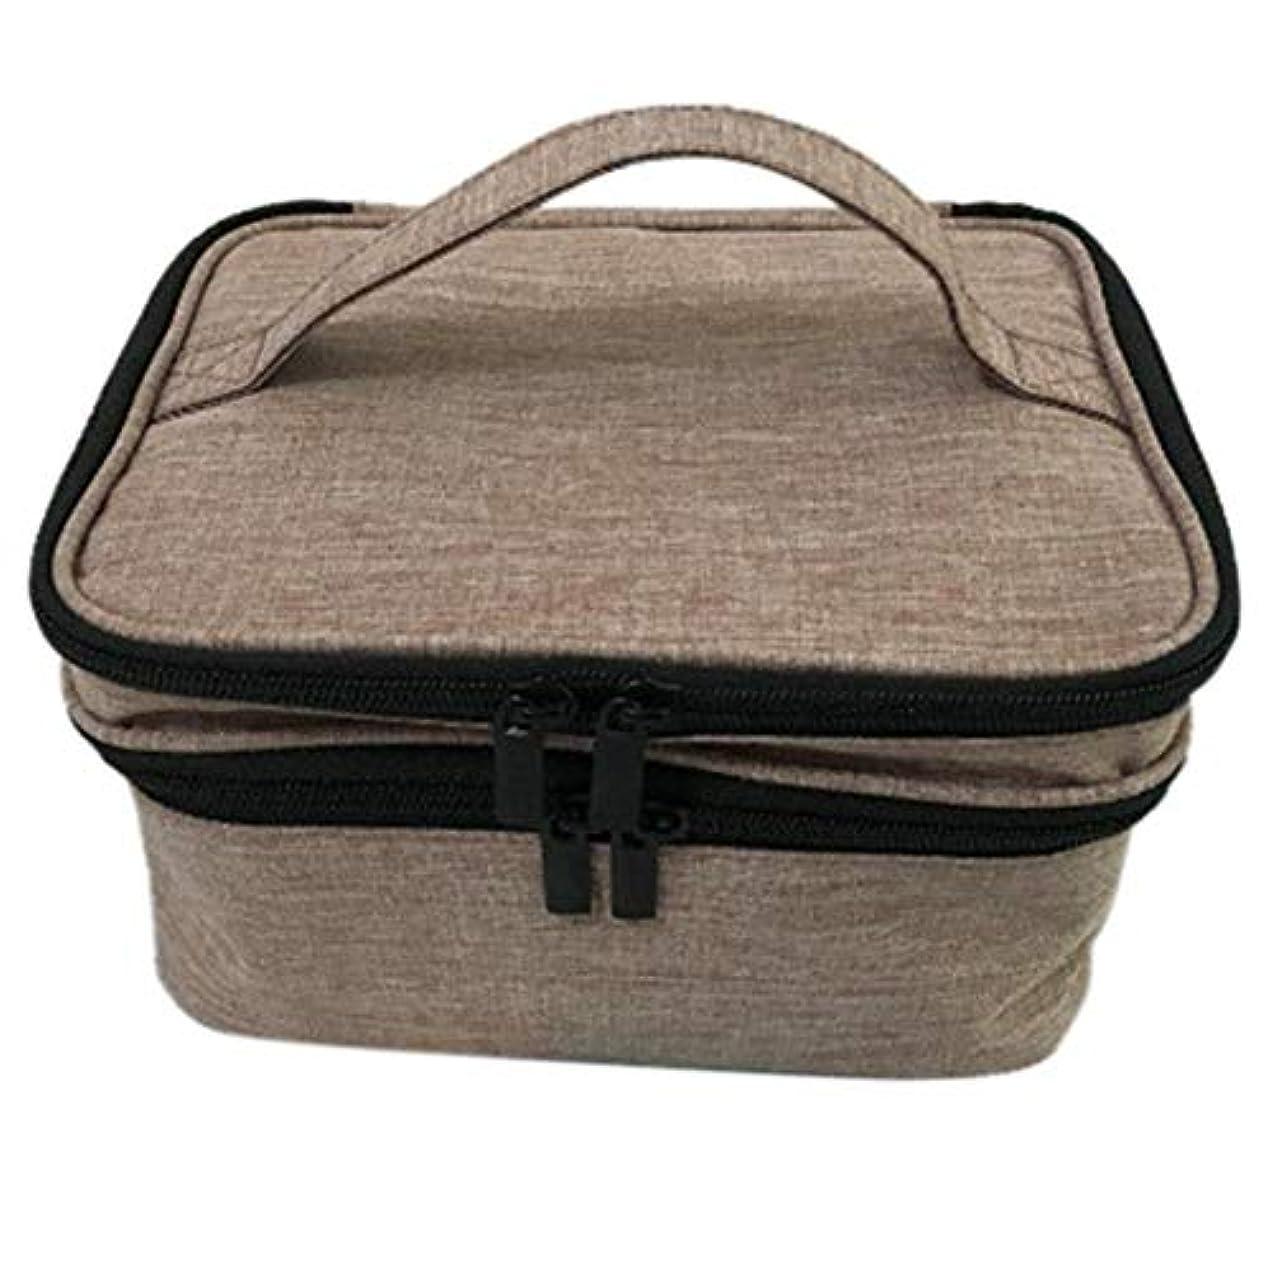 光の任意派手収納バッグ 30格 仕切り エッセンシャルオイル 精油 保管袋 収納ボックス 収納ケース 精油ケース 香水収納バッグ 不織布 携帯便利 耐震 30本用 (5ml~30ml)